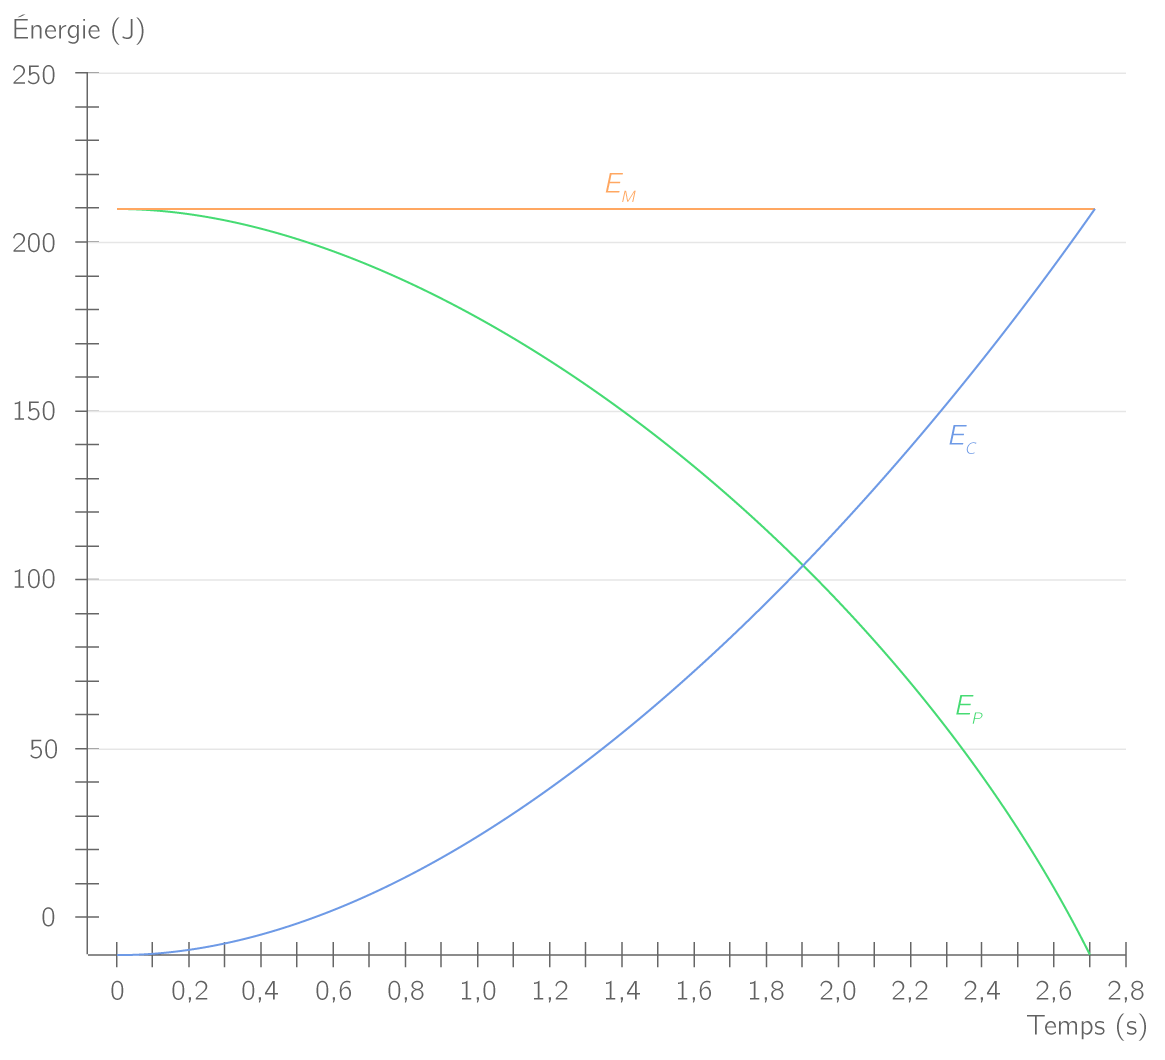 Énergie cinétique, potentielle de pesanteur et mécanique en fonction du temps lors du mouvement parabolique sans frottements d'une balle lancée